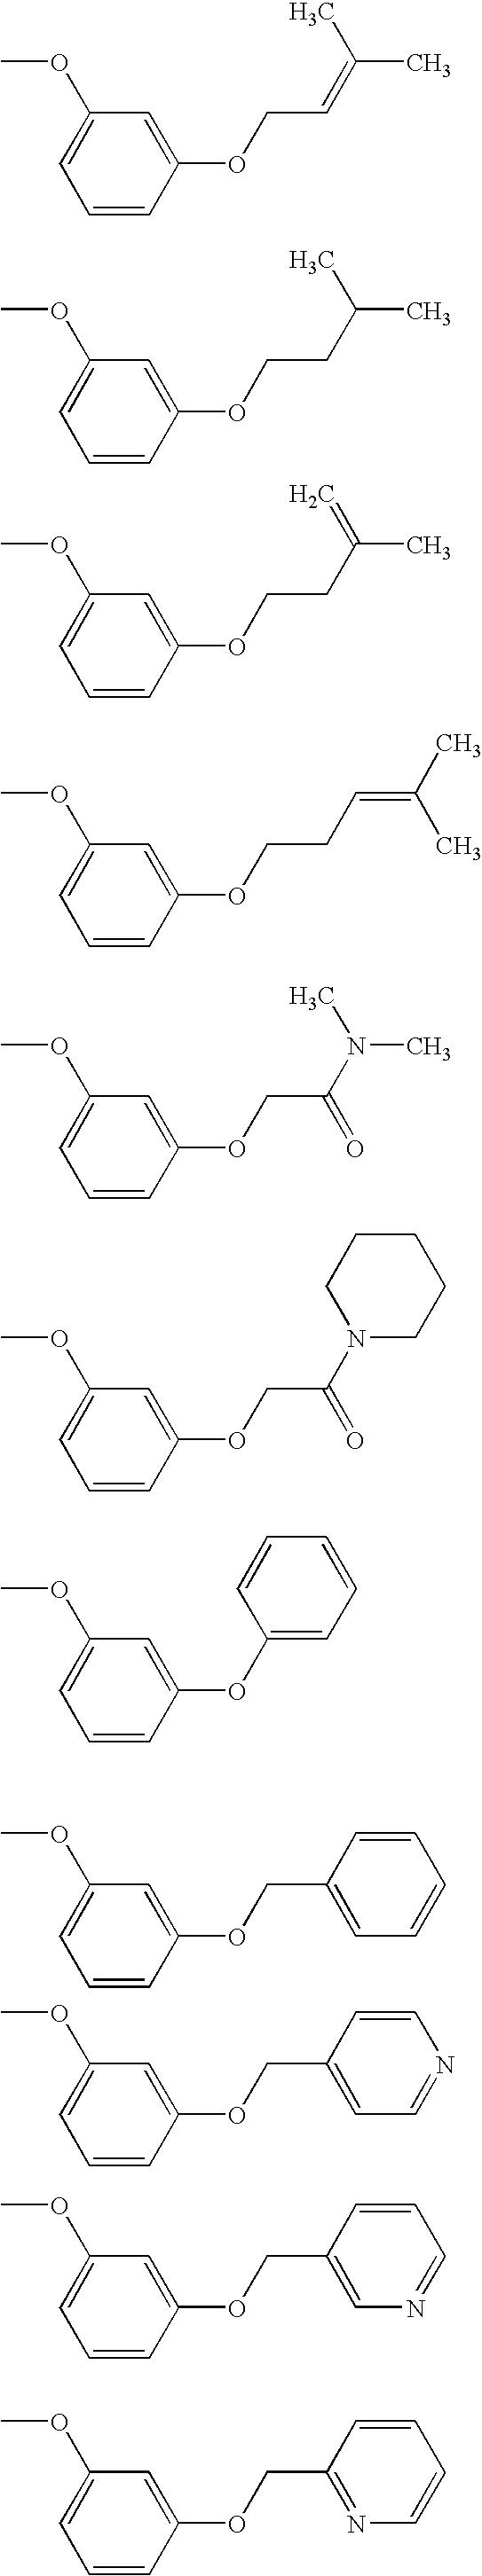 Figure US20070049593A1-20070301-C00212